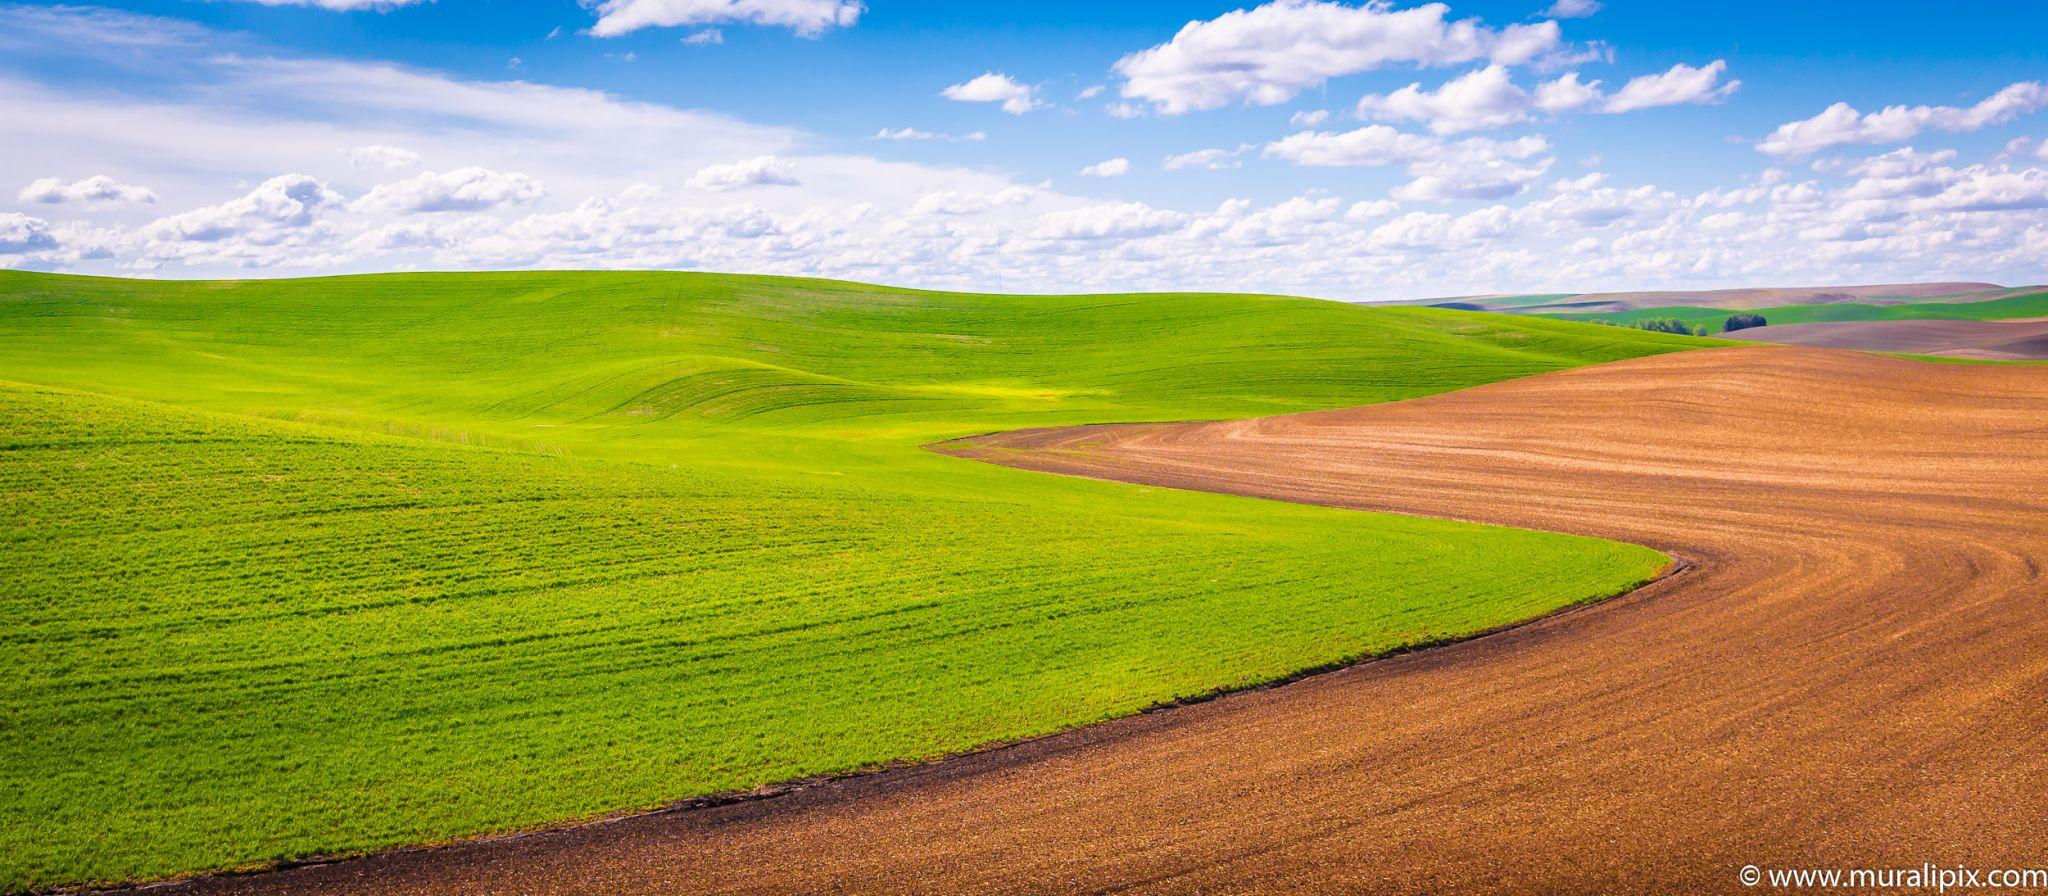 Palouse Field, USA